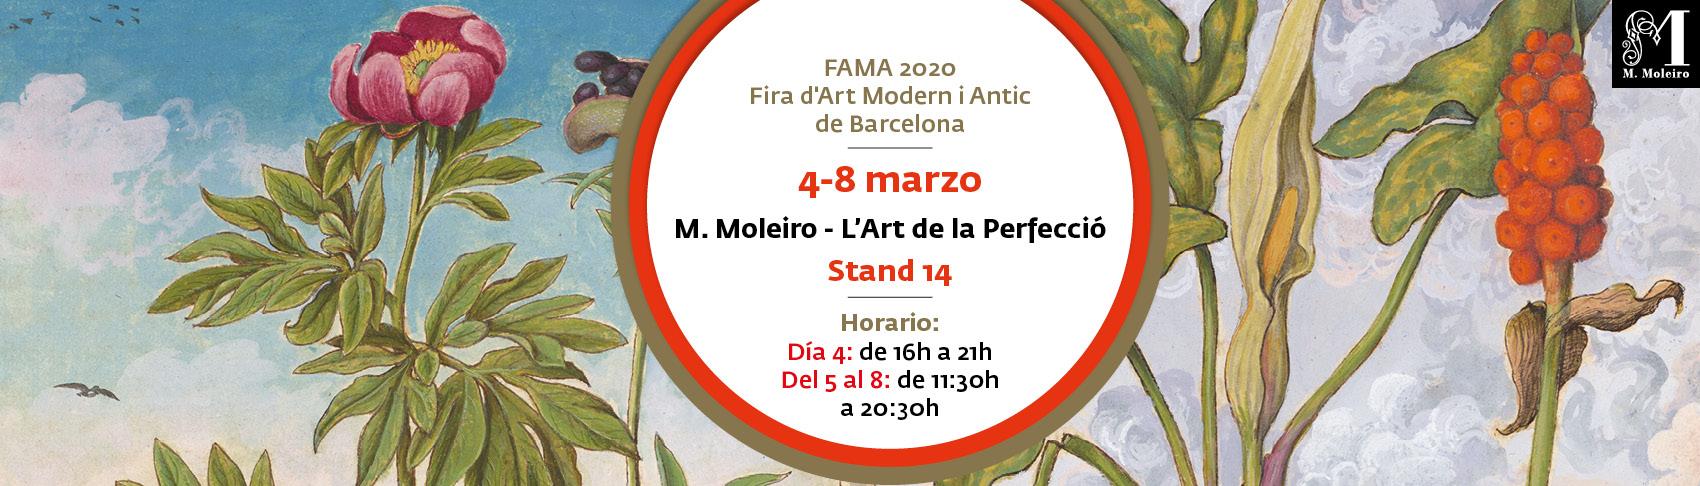 FAMA 2020 Fira d´Art Modern i Antic de Barcelona del 4 al 8 de marzo